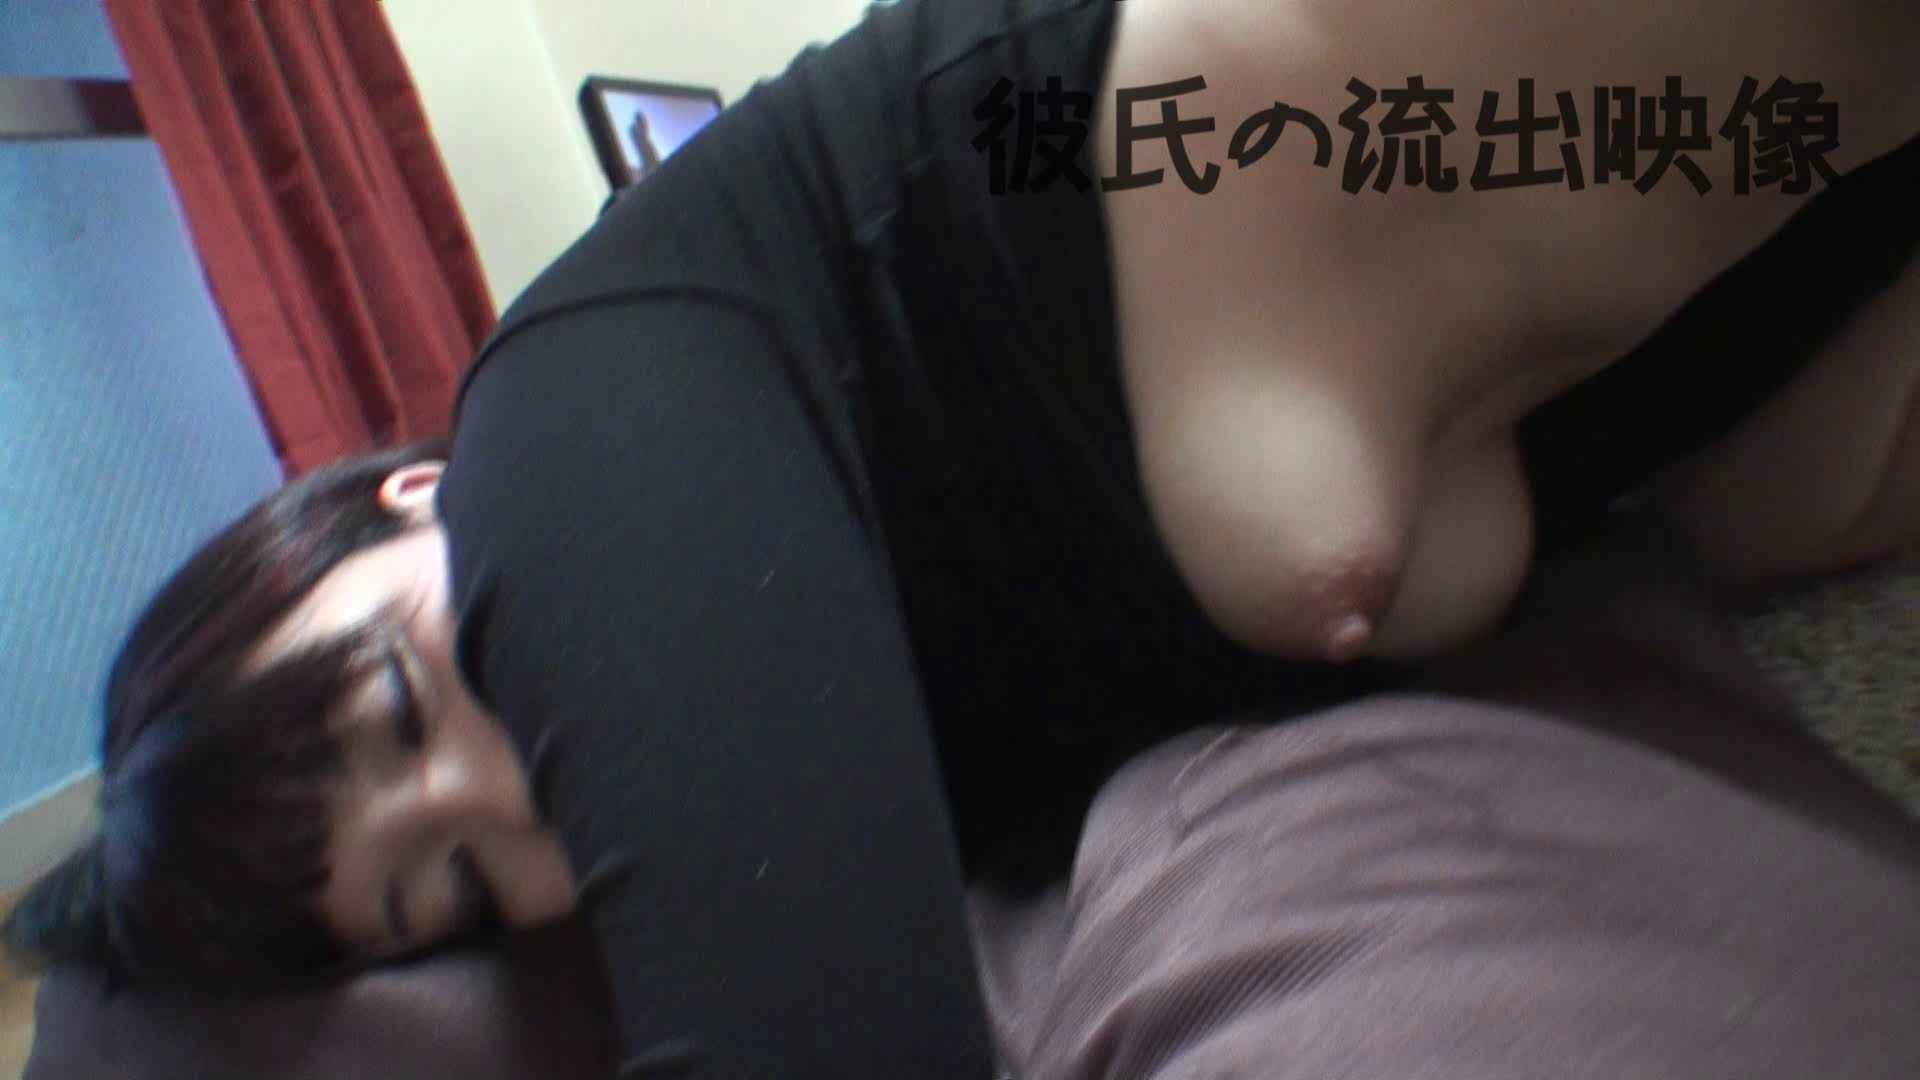 無修正エロ動画 彼氏が流出 パイパン素人嬢のハメ撮り映像04 大奥